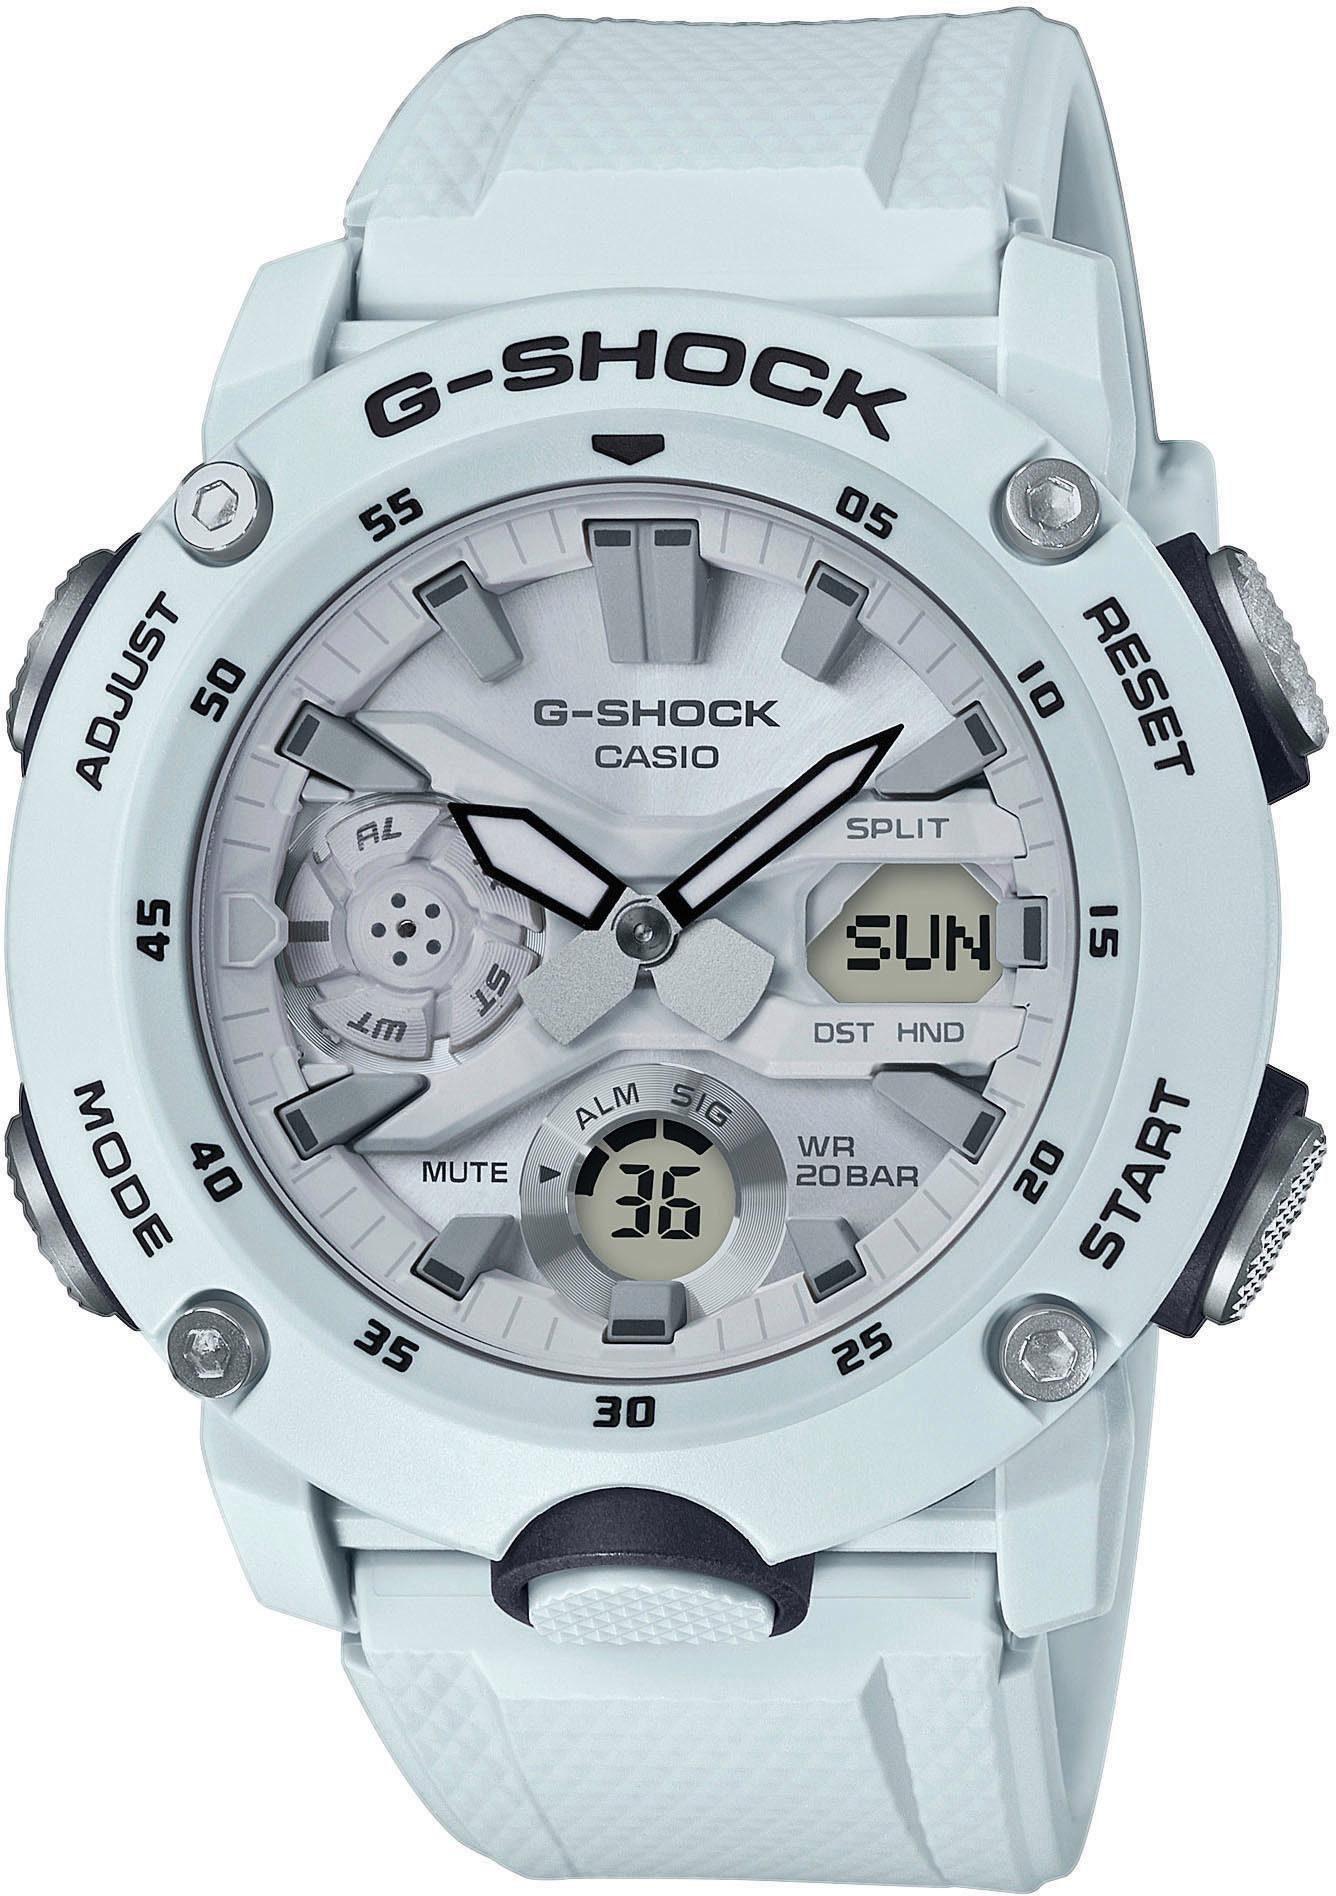 CASIO G-SHOCK Chronograph GA-2000S-7AER | Uhren > Chronographen | Weiß | Casio G-Shock